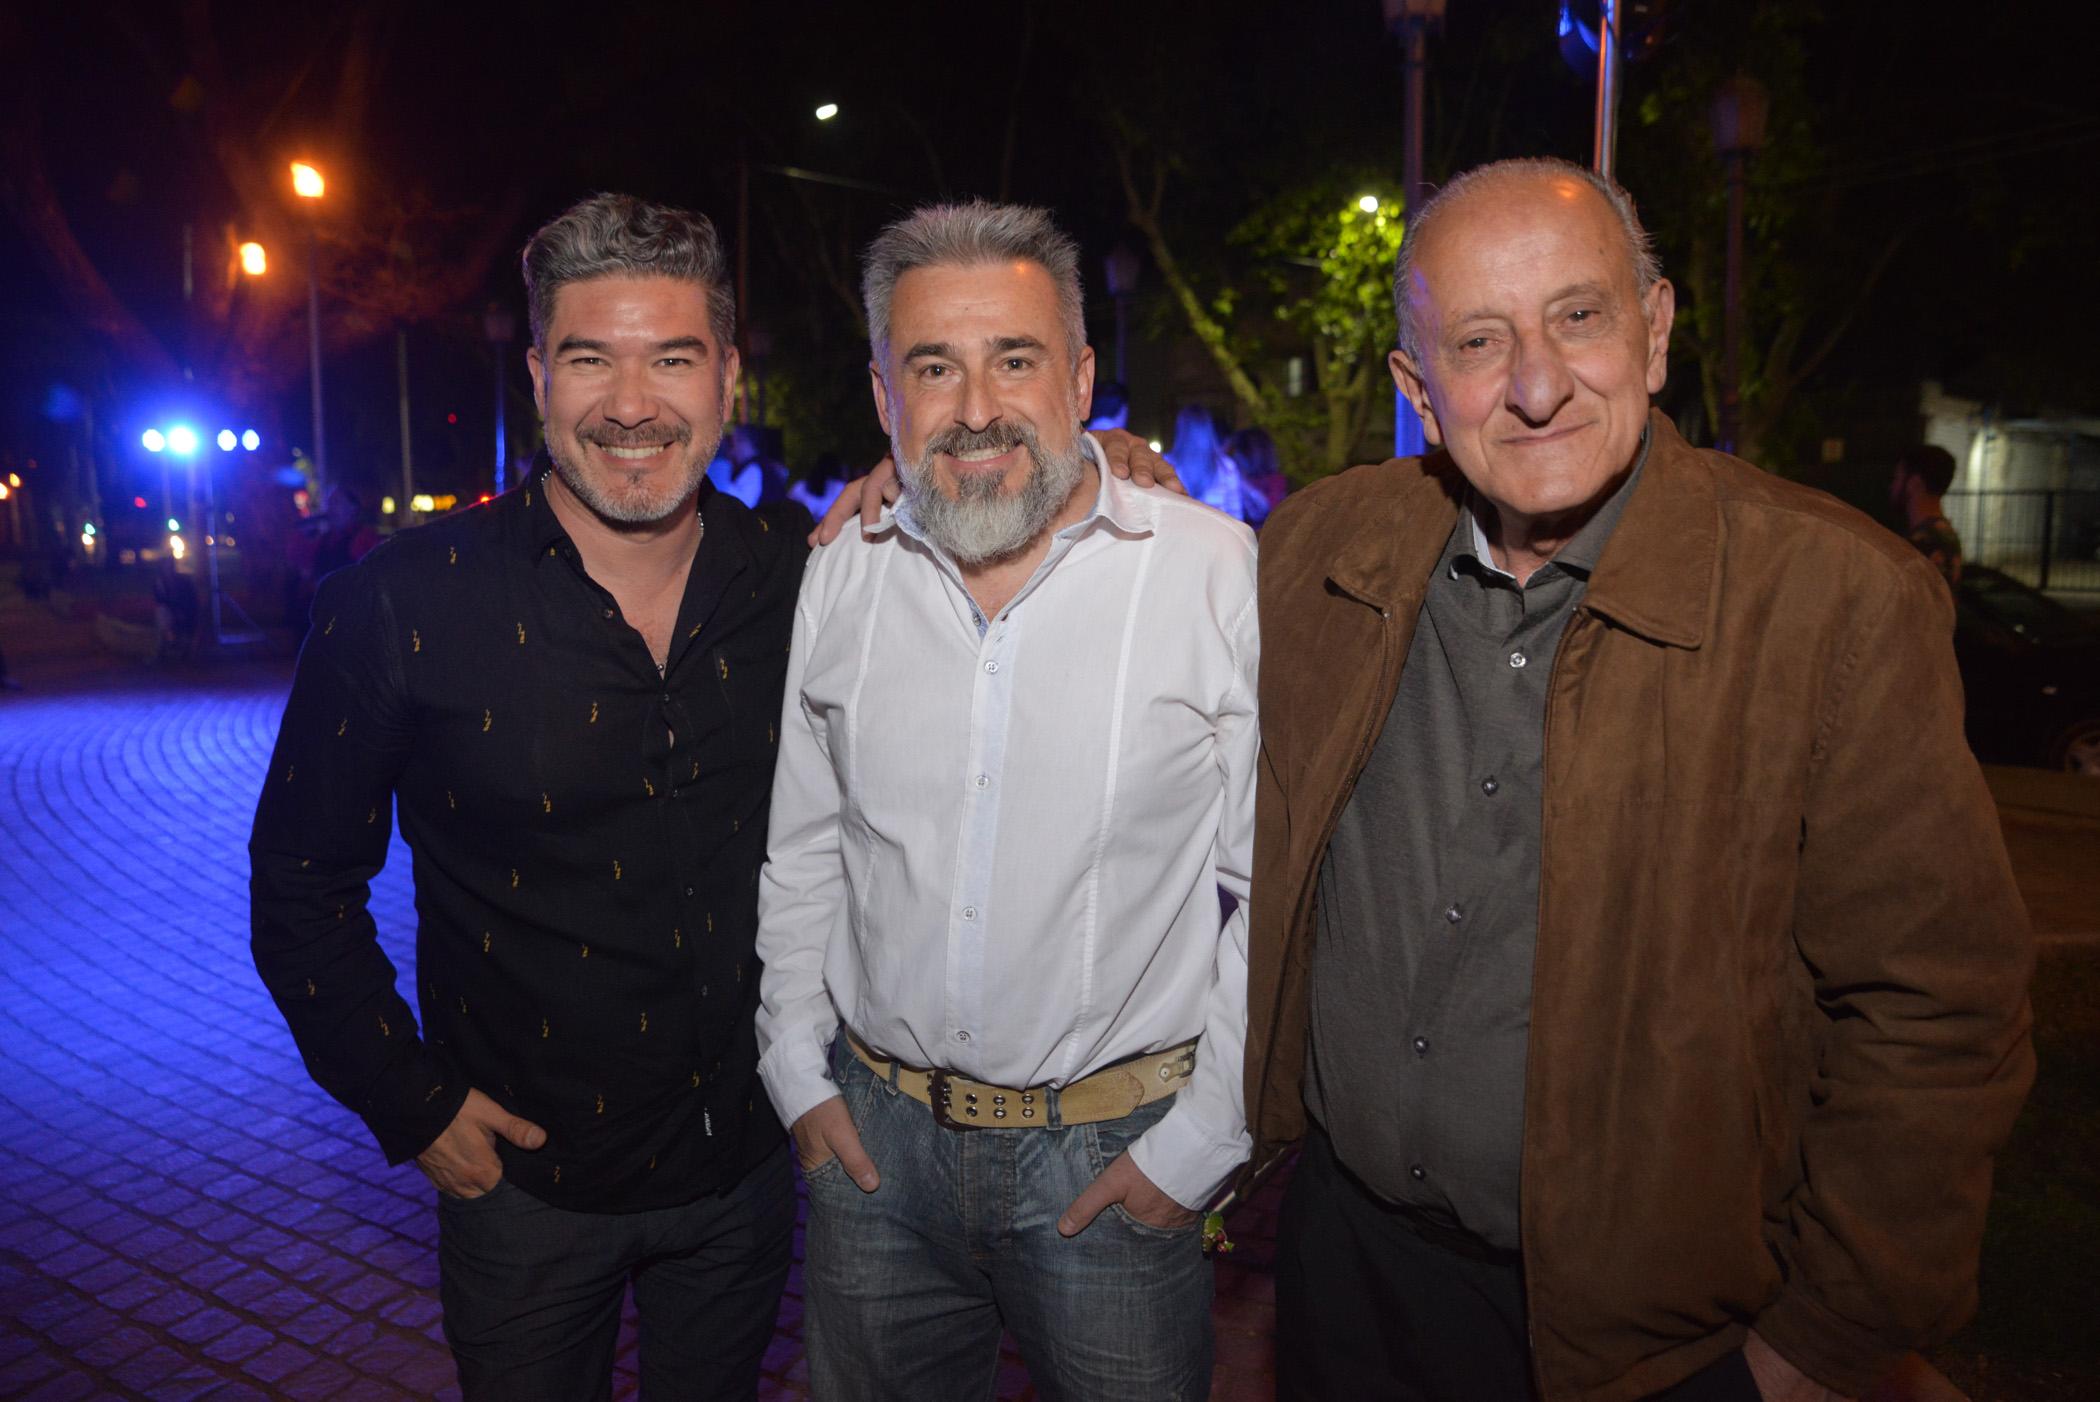 Iván Martínez Mario Raholin y Pepe Ahuara